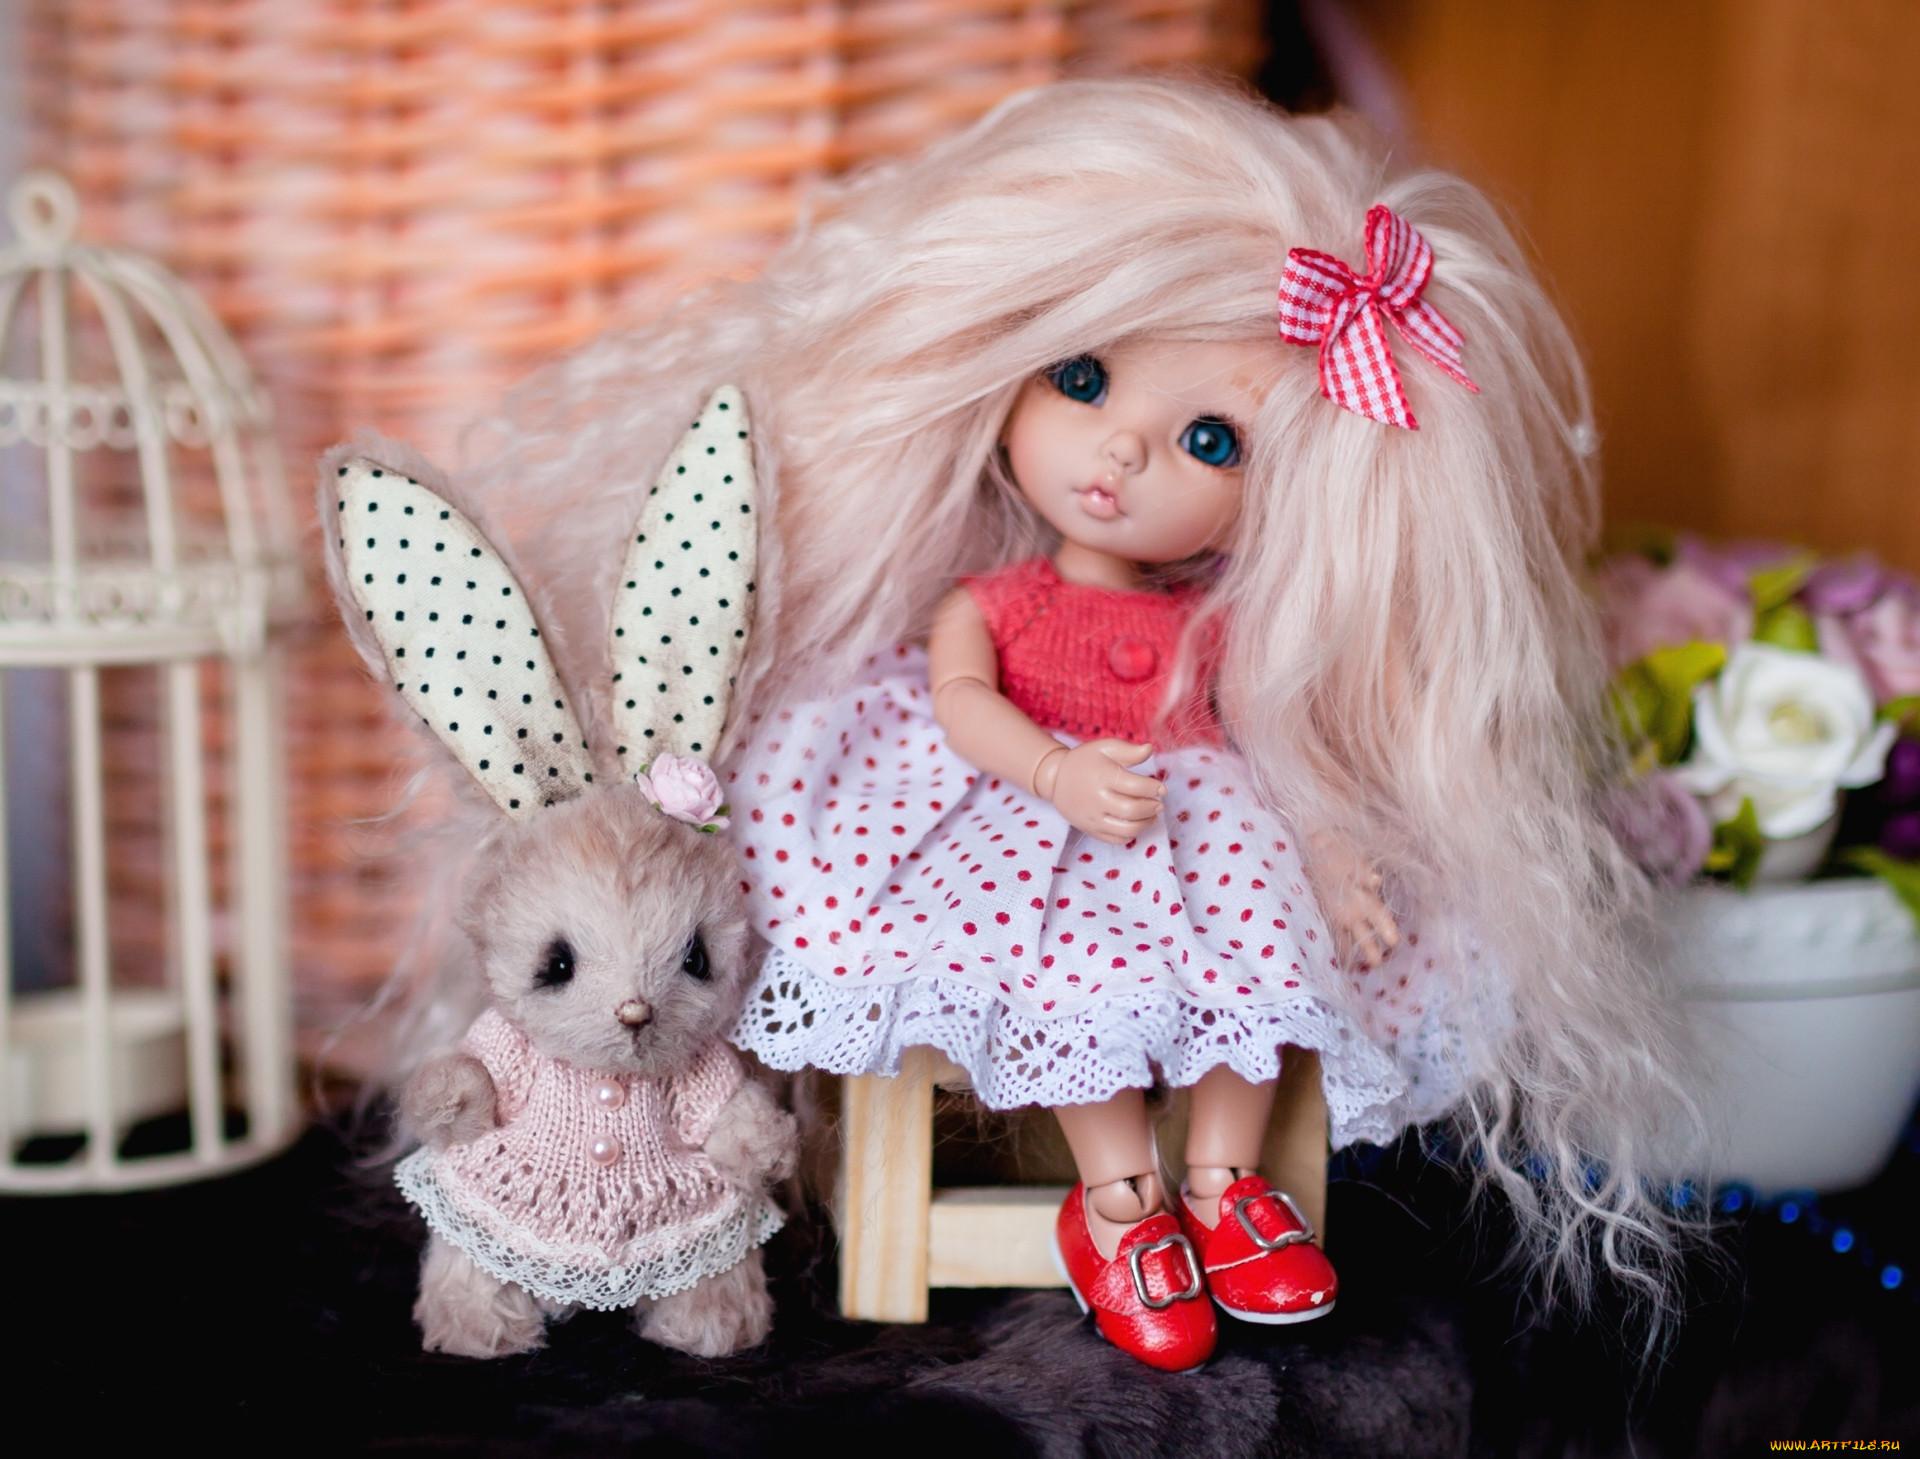 большей долей кукла зайчик картинки ней